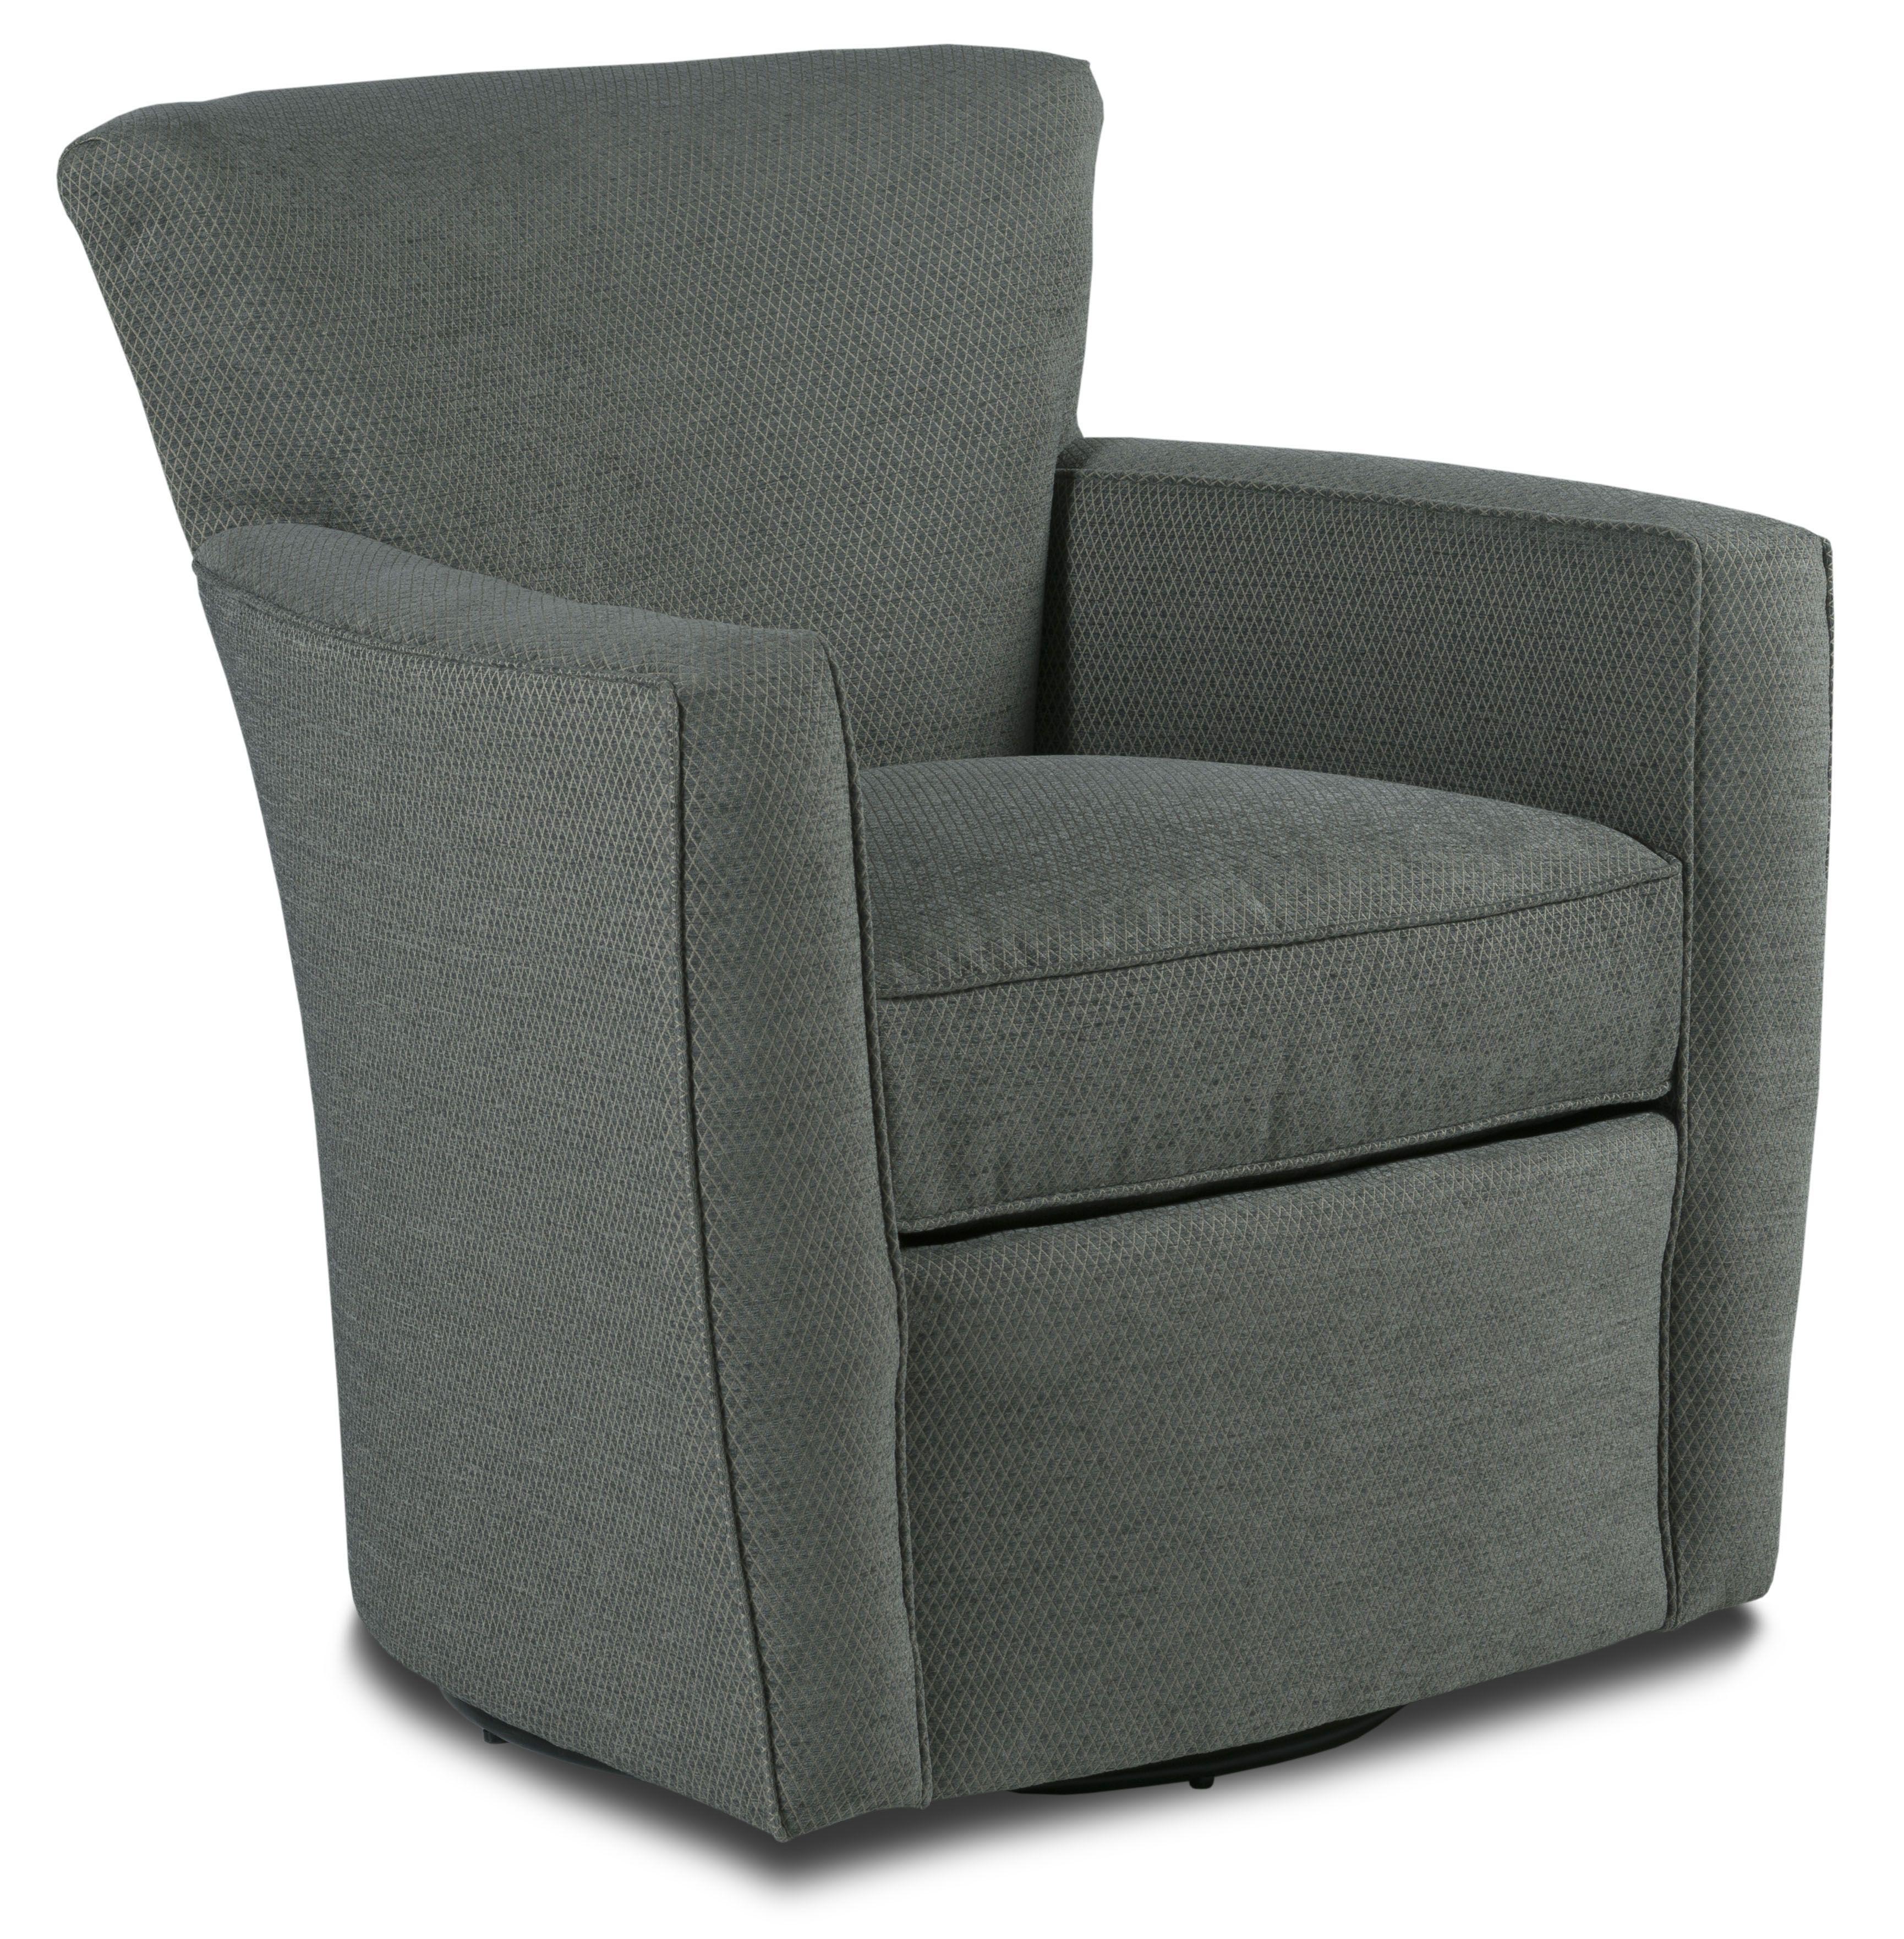 Incredible 6121 31 Chair Fairfield Furniture Fairfield Chair Chair Bralicious Painted Fabric Chair Ideas Braliciousco